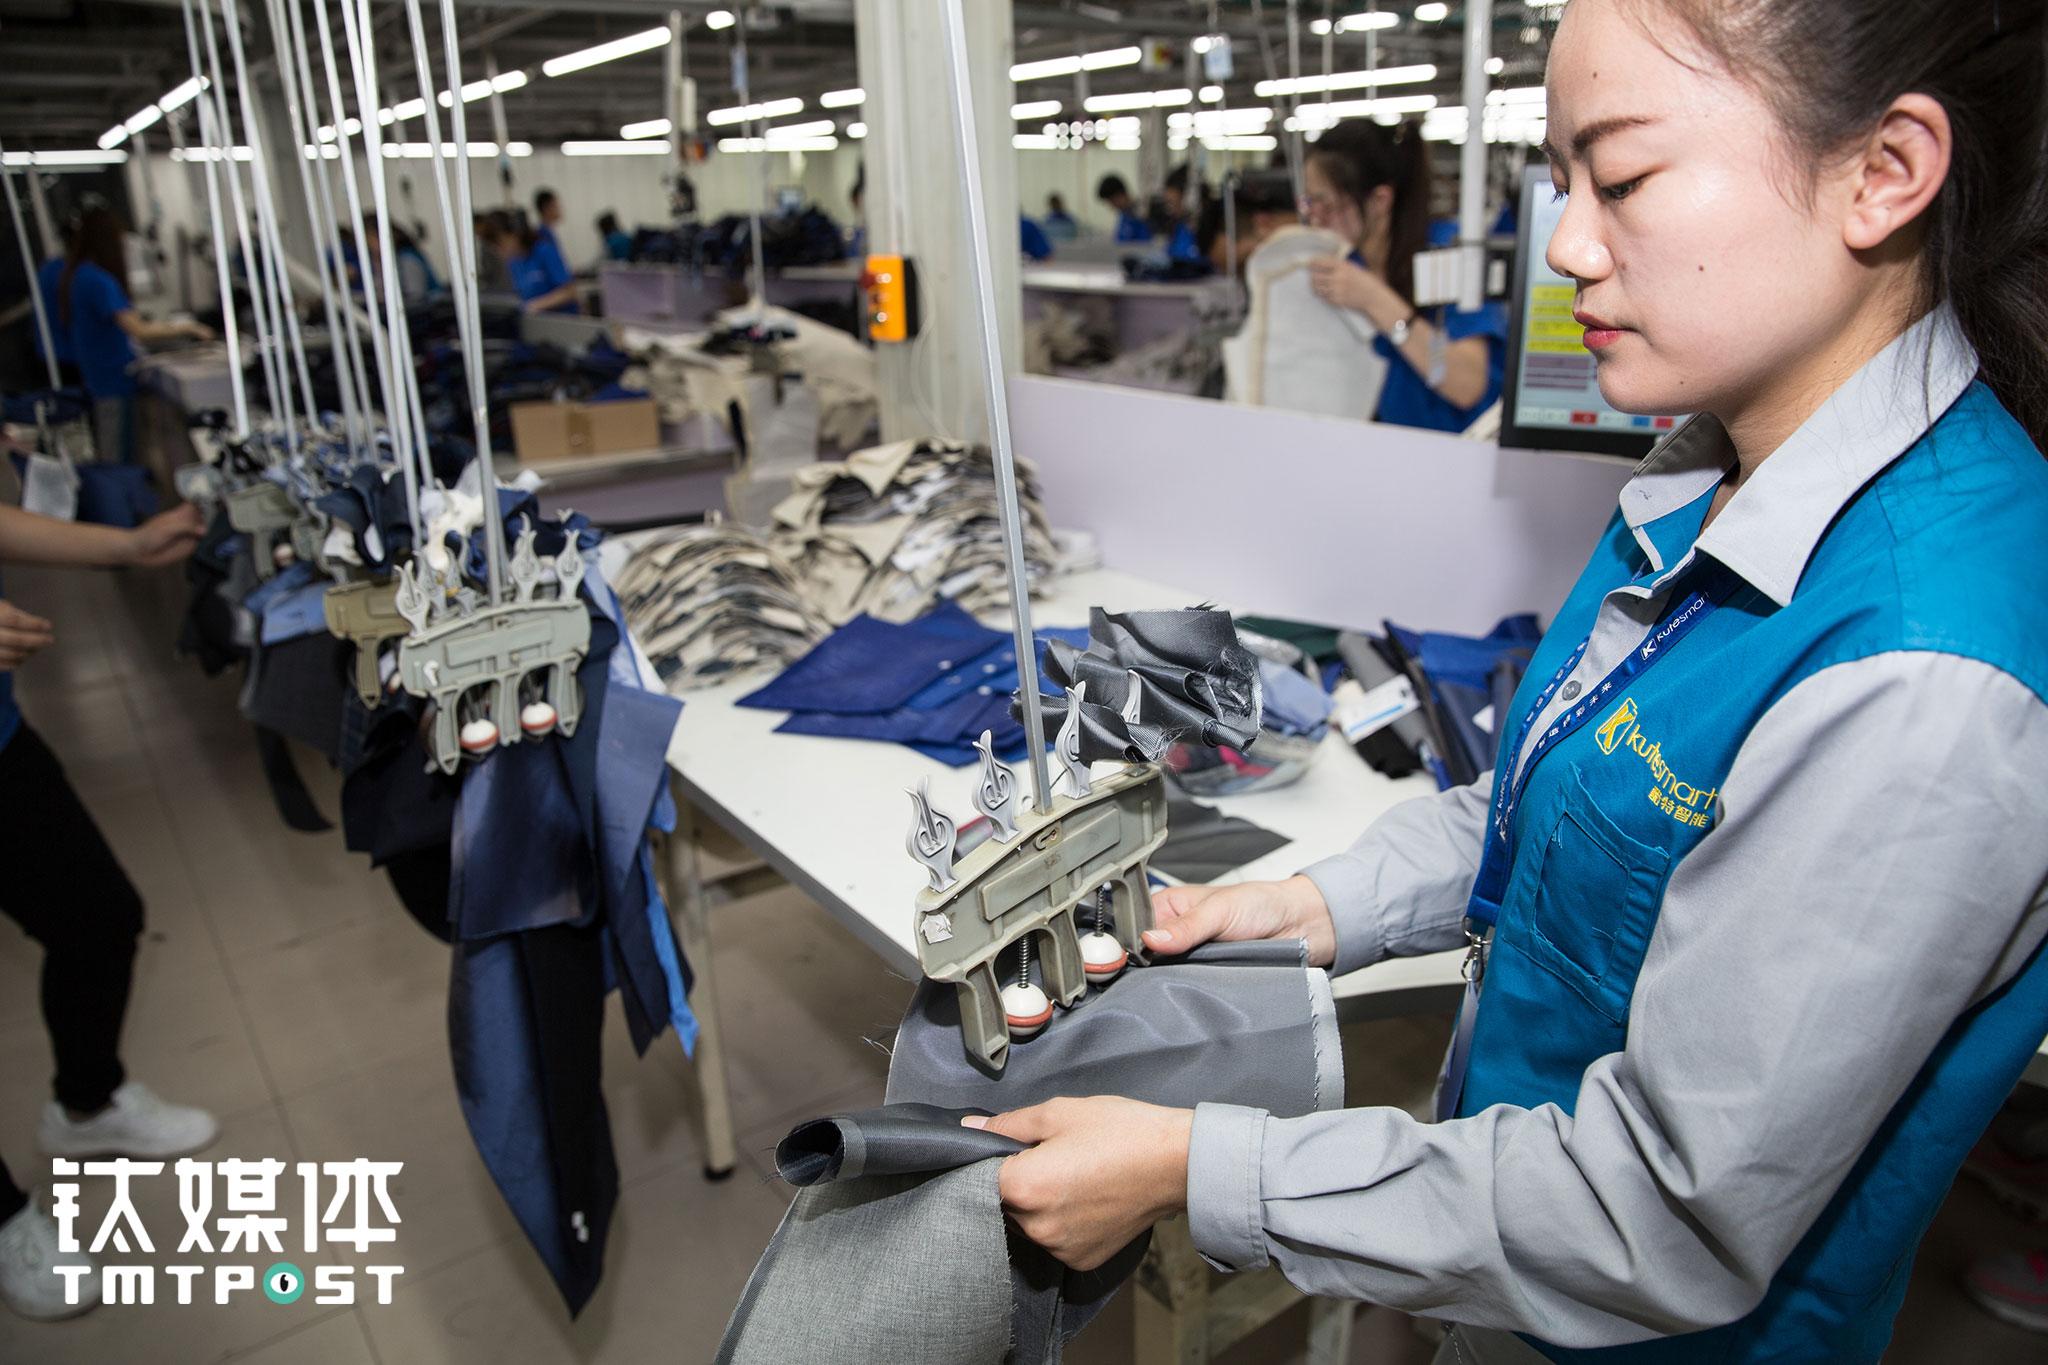 一名工人将裁剪好的布料与电子标签卡一道夹到吊挂上。